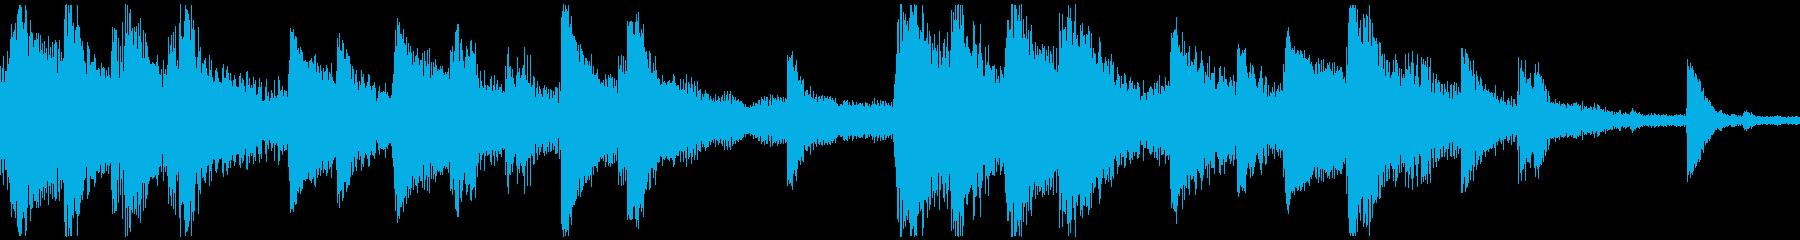 <ショートループ> ピアノ⑨+ビートCの再生済みの波形